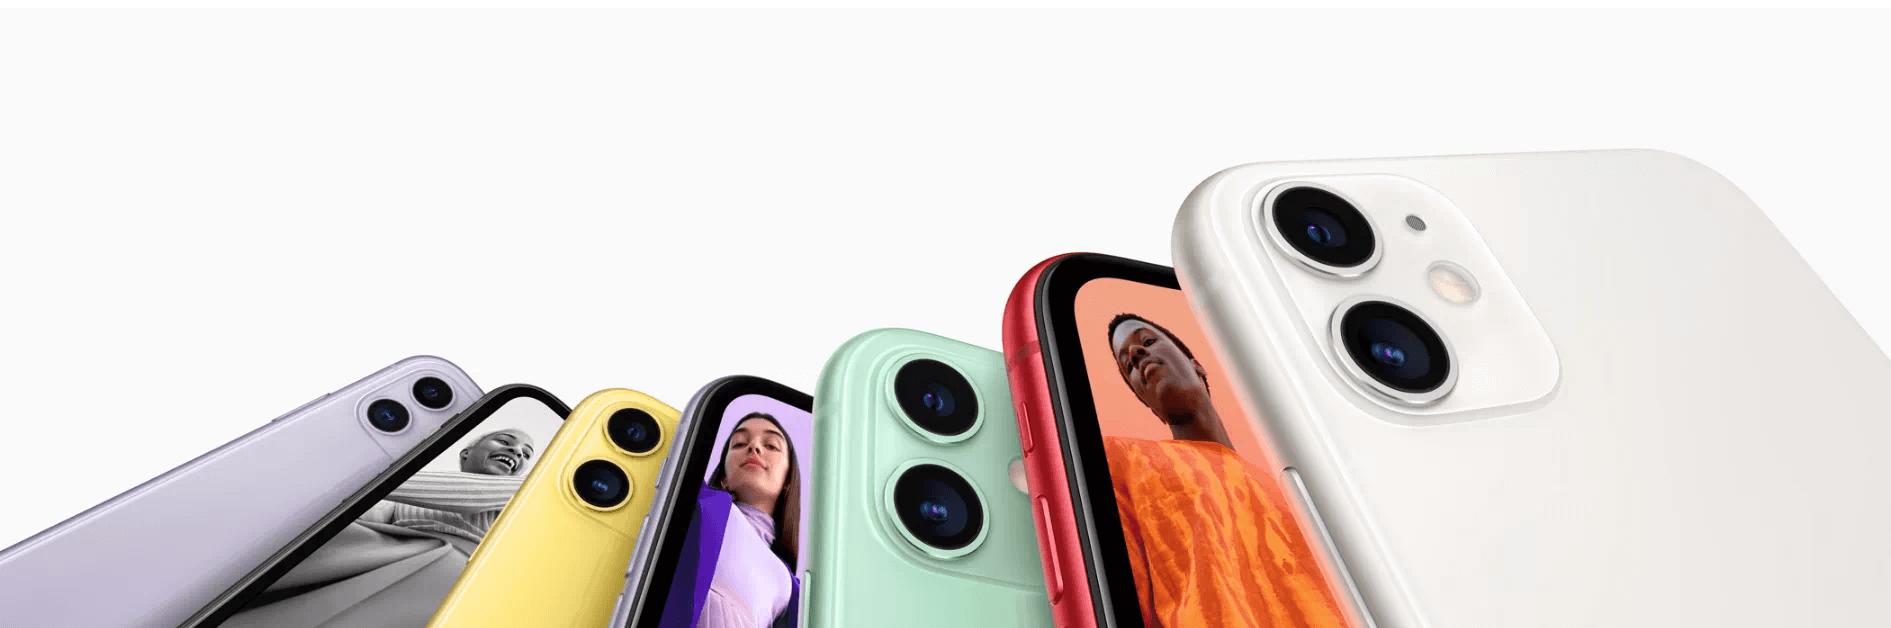 iPhone越狱iOS13.5任意机型越狱详细教程-钟意博客